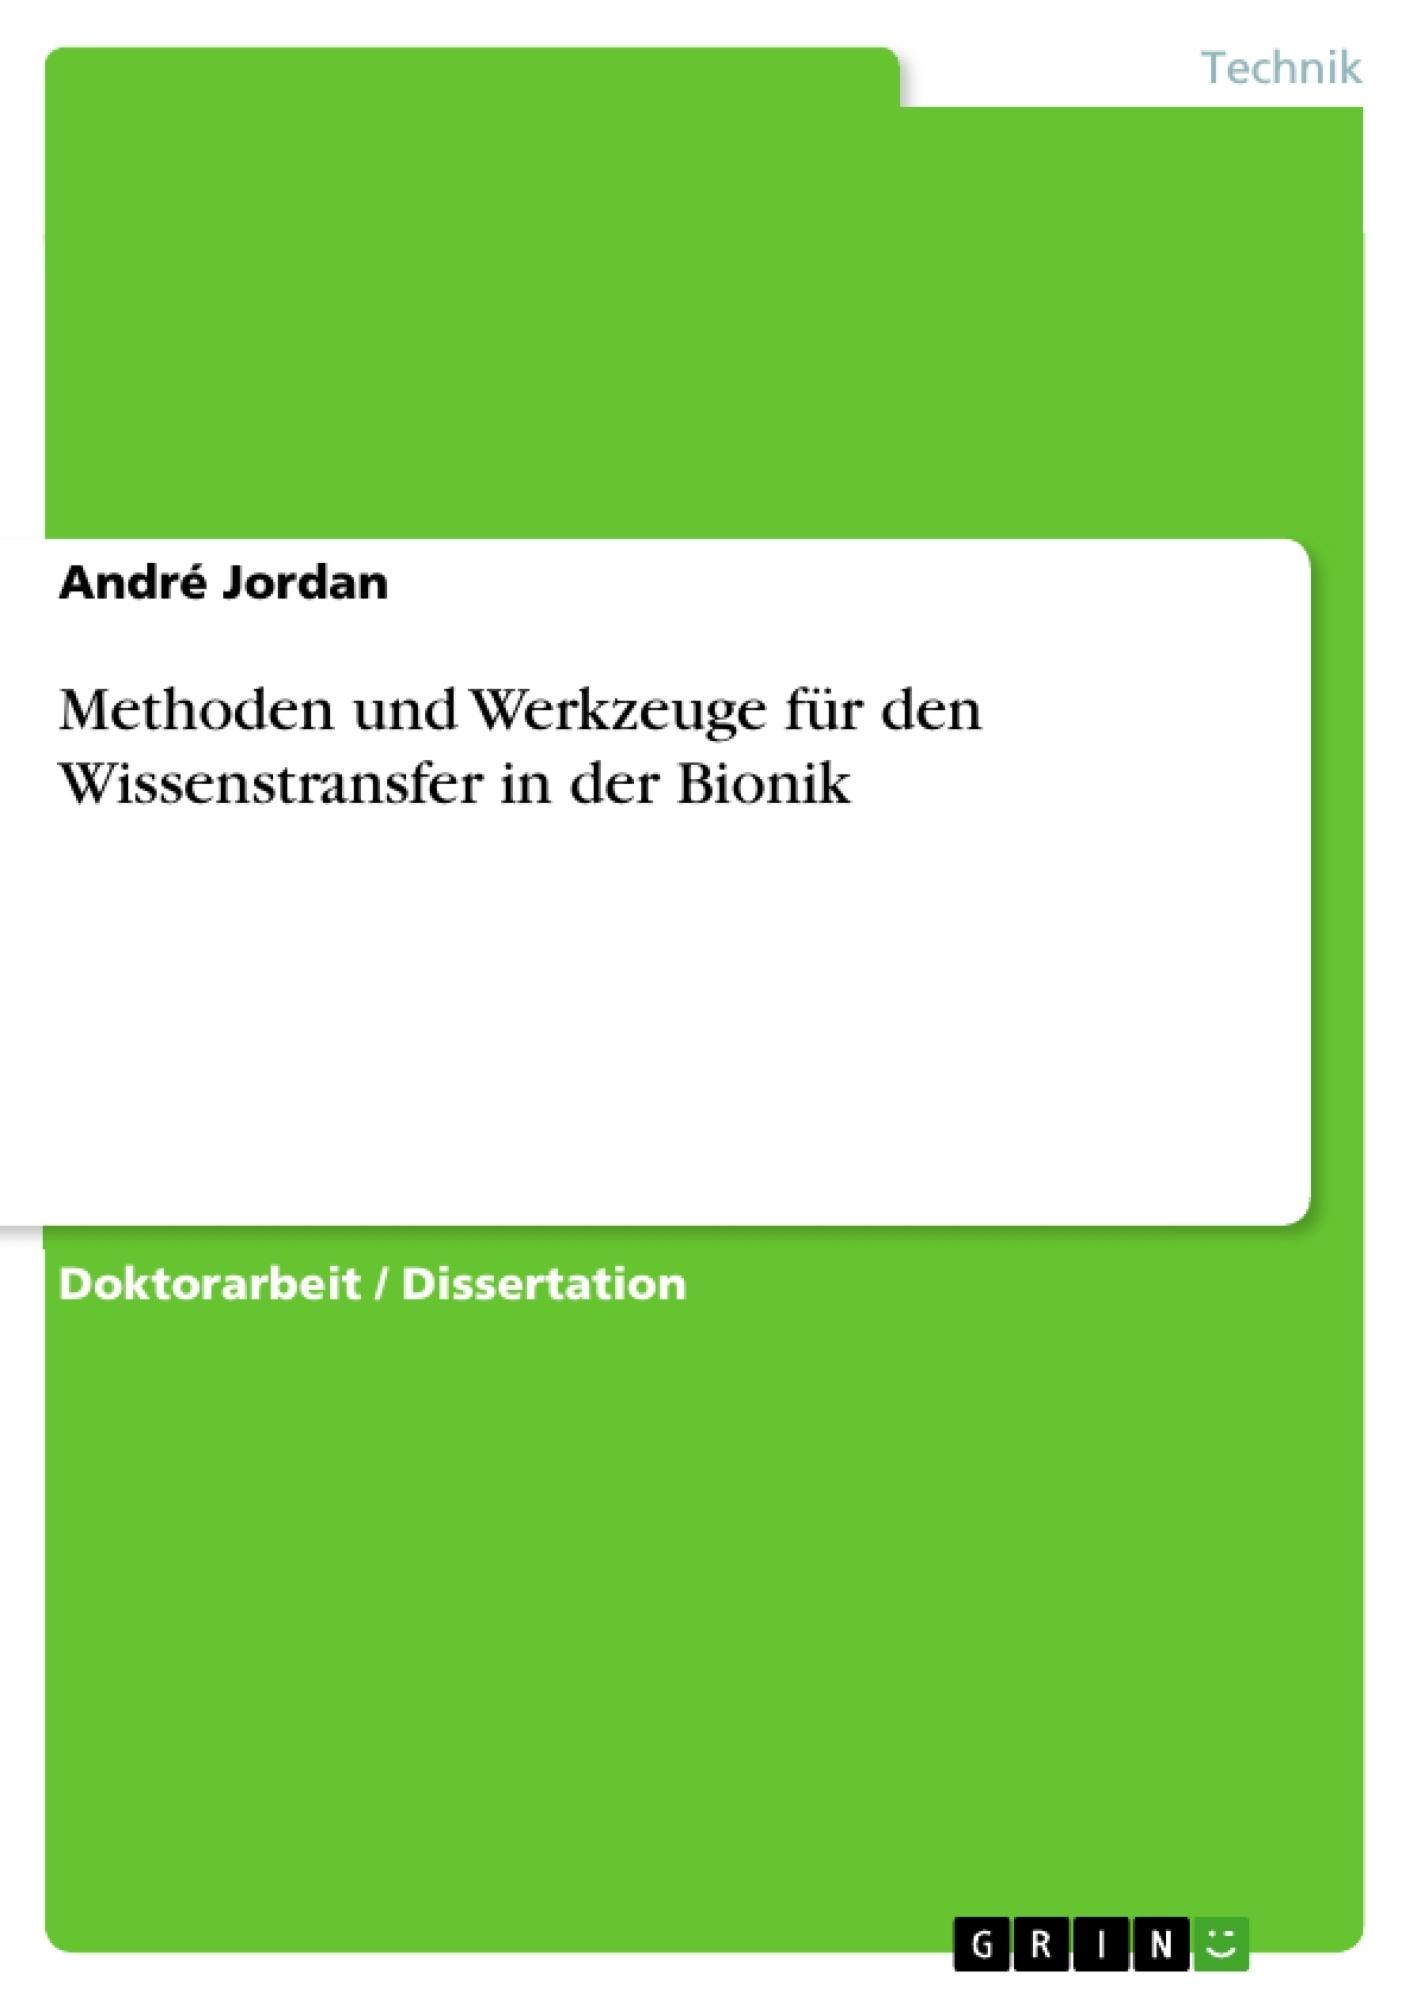 Methoden und Werkzeuge für den Wissenstransfer in der Bionik ...